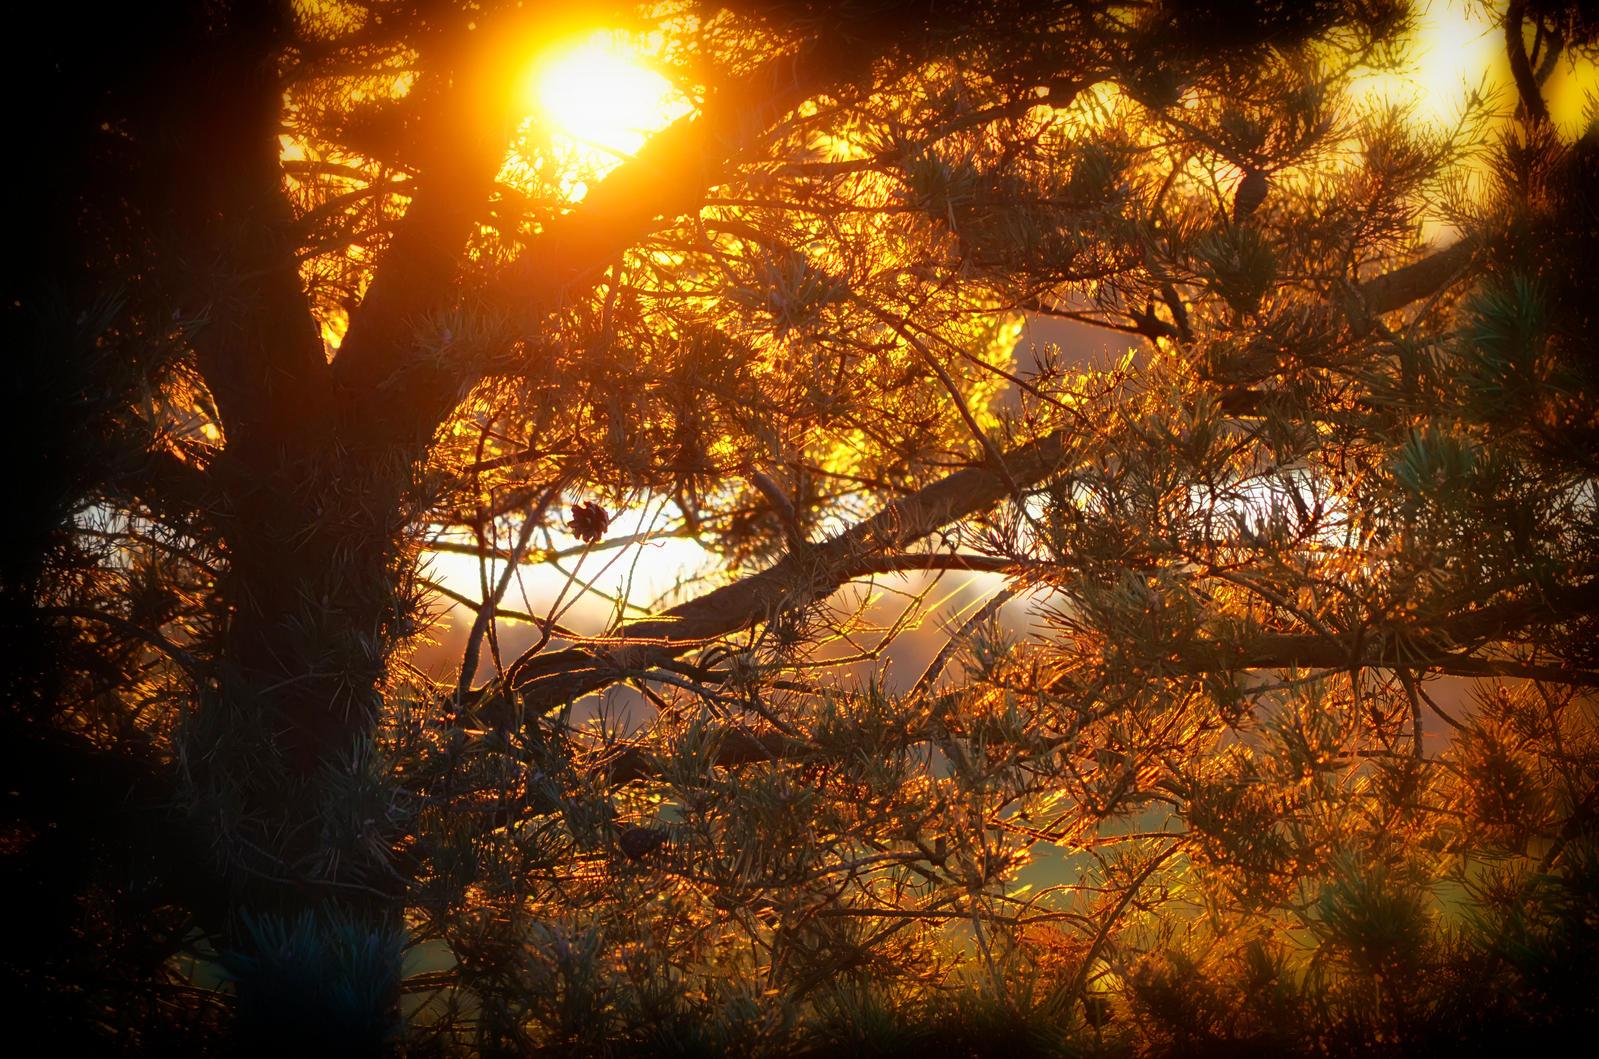 Countryside Sunset #1 by druteika